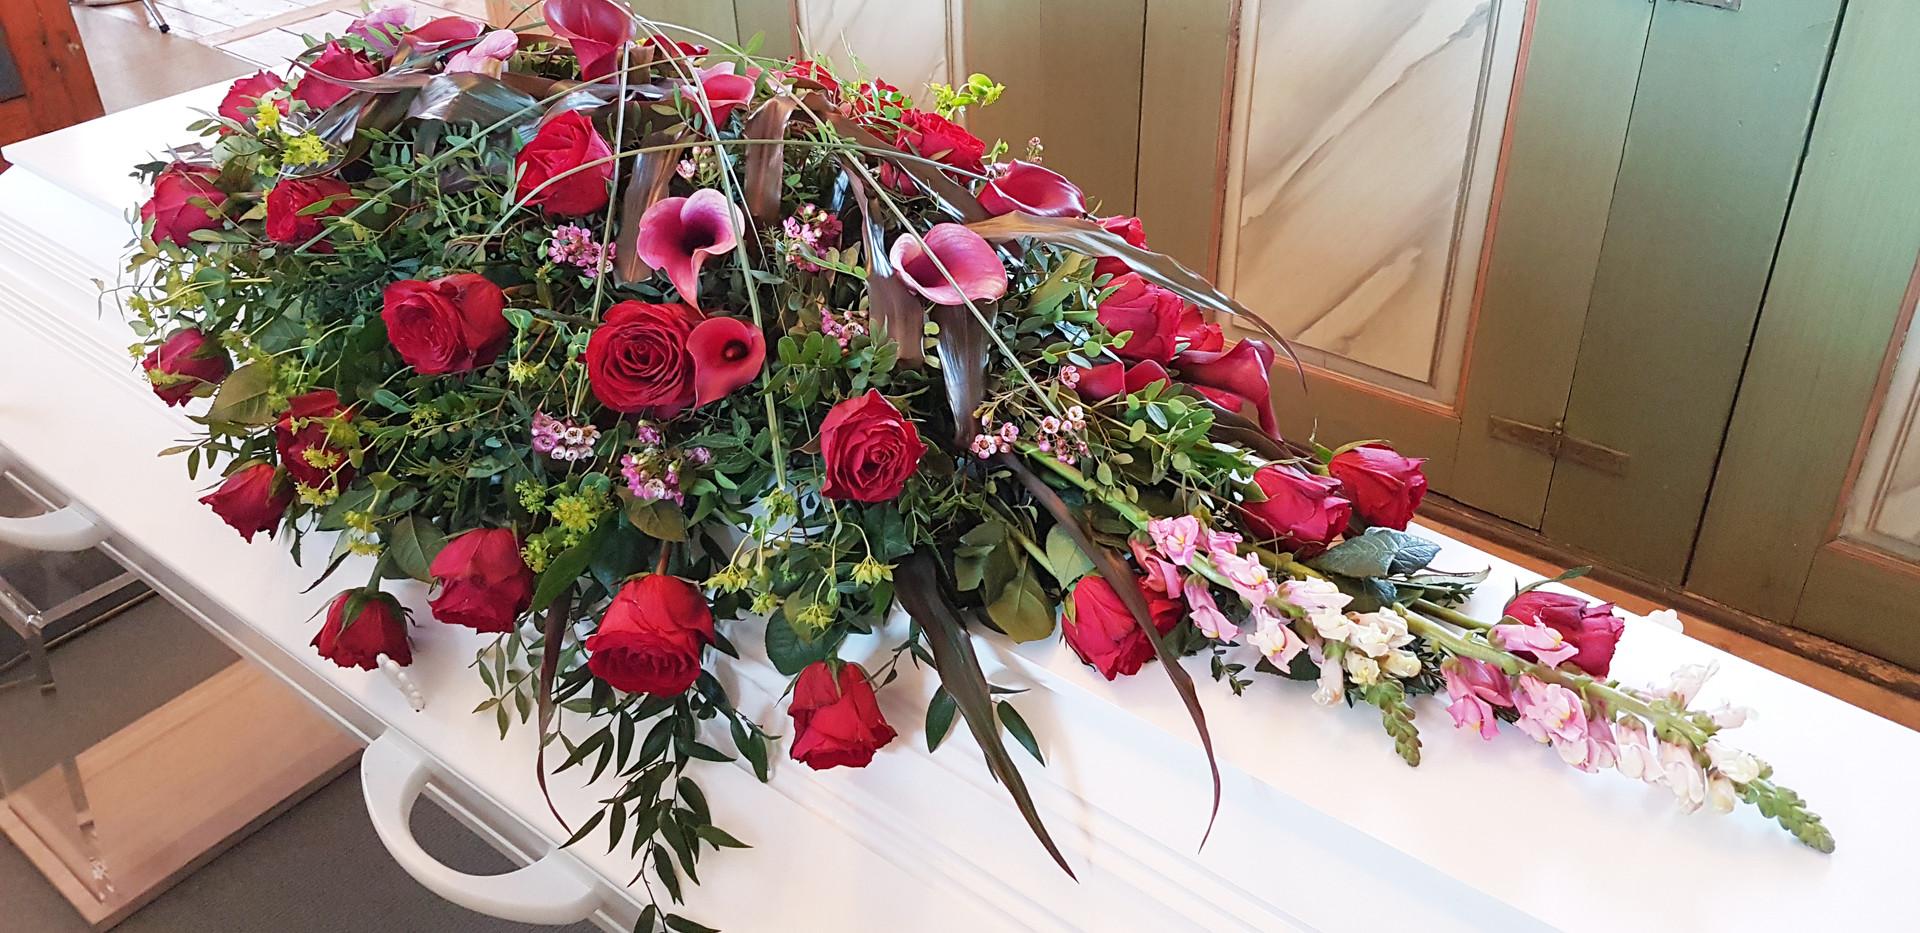 nova-begravelse-kiste-bisettelse06.jpg